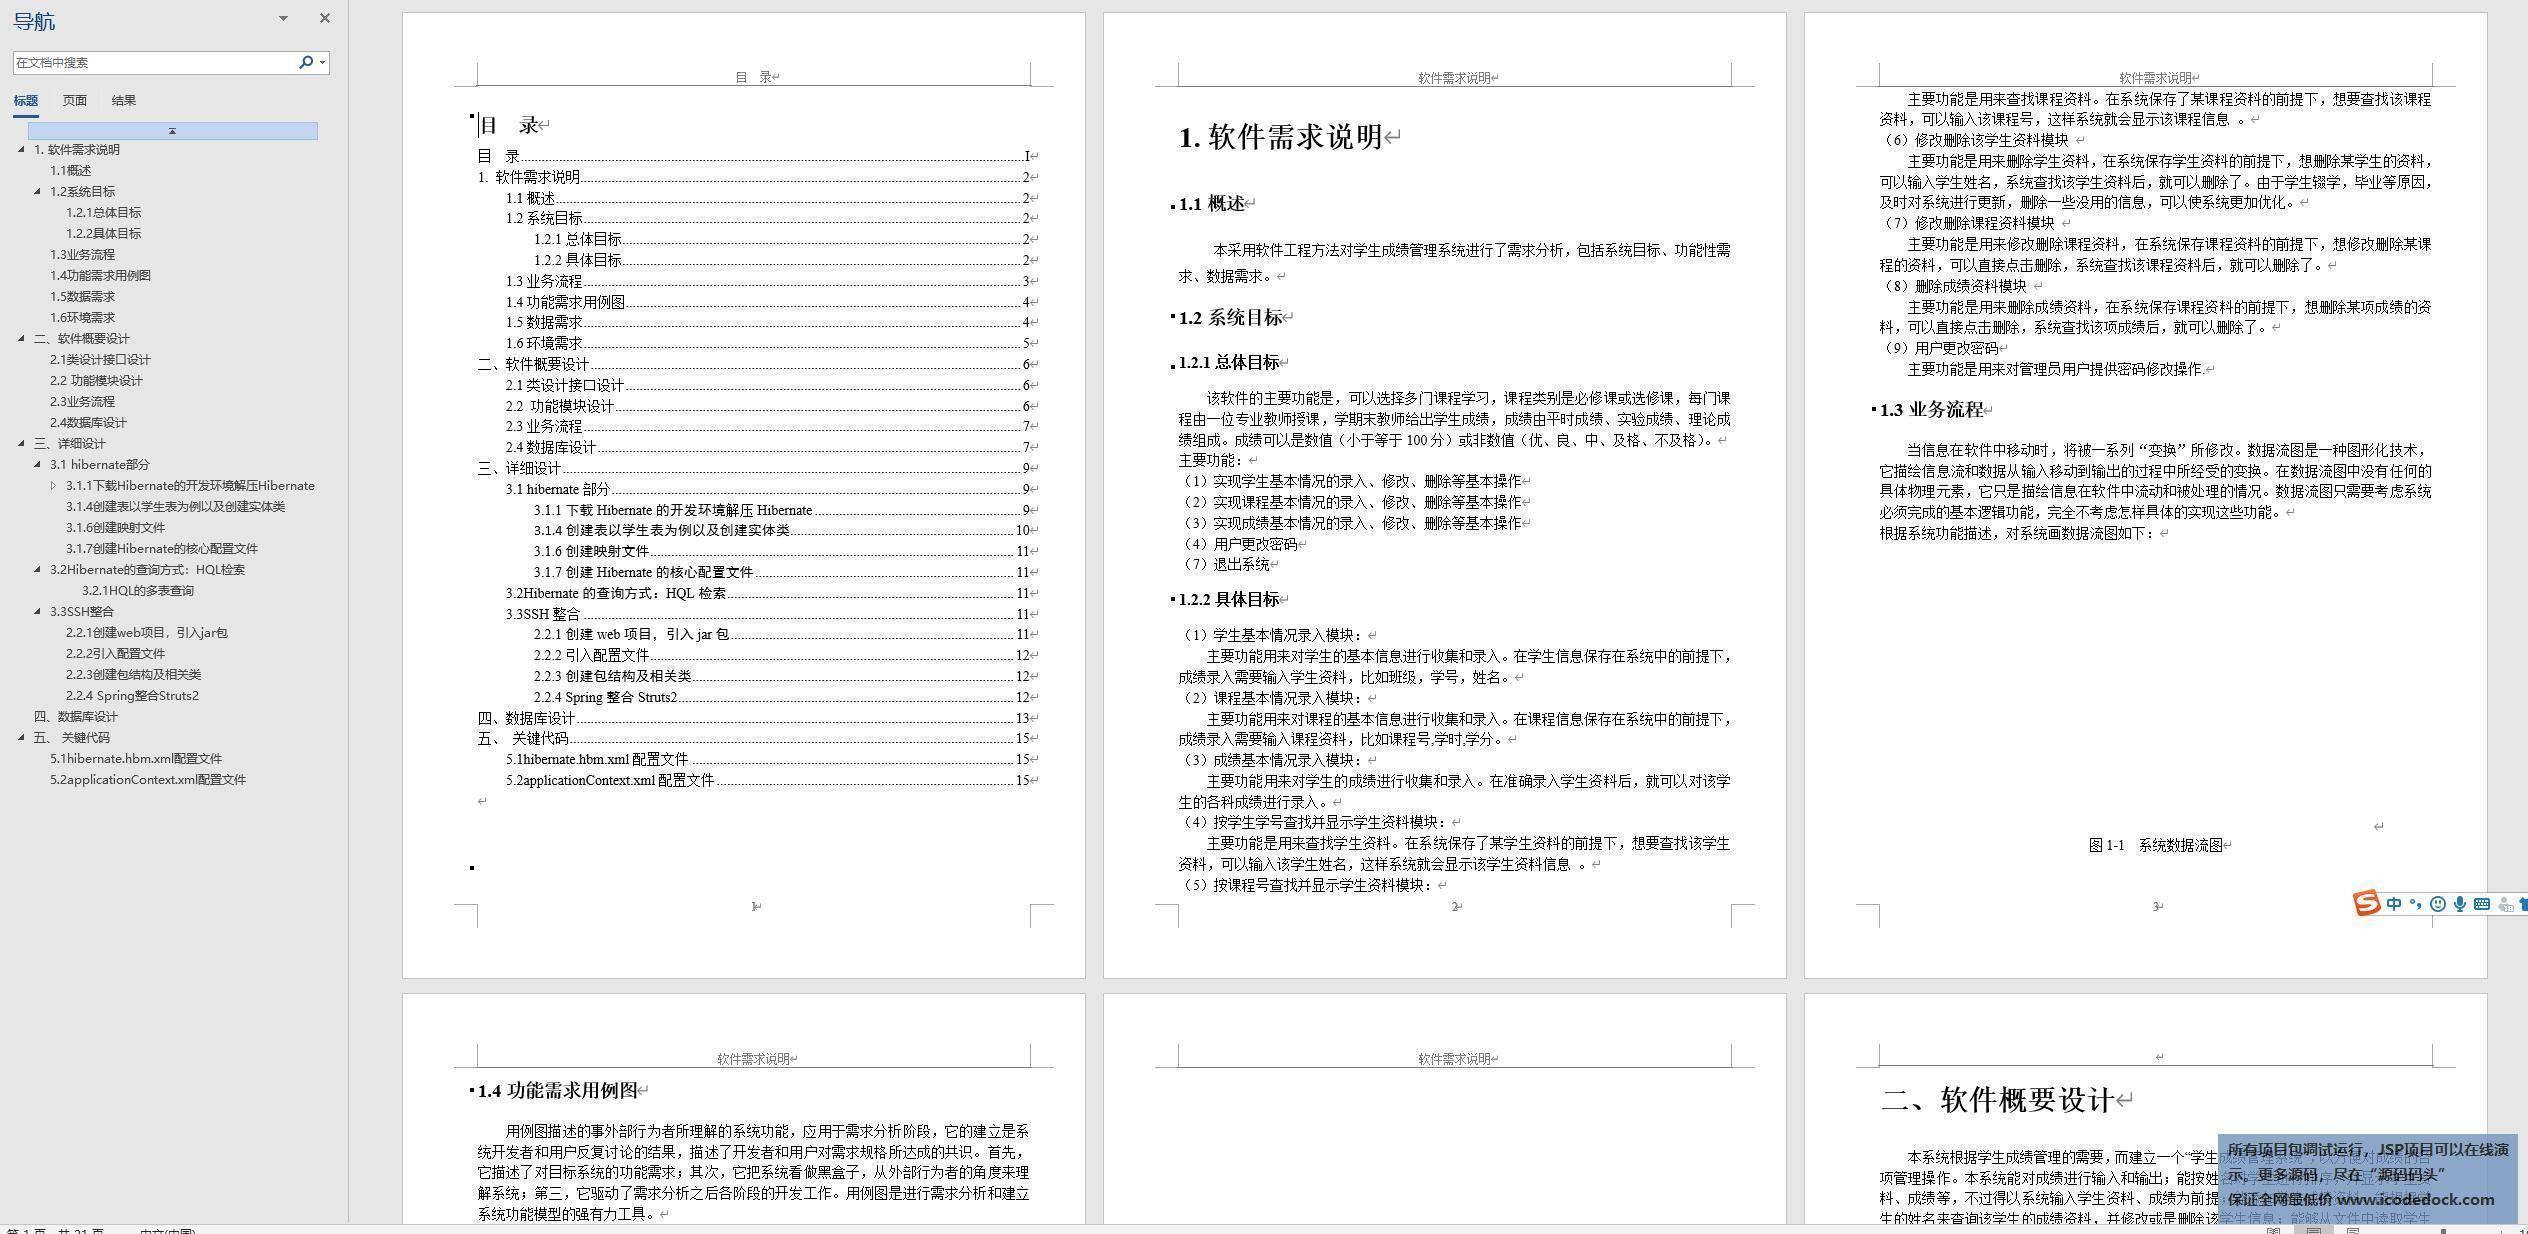 源码码头-SSH学生成绩管理系统-设计文稿-设计报告